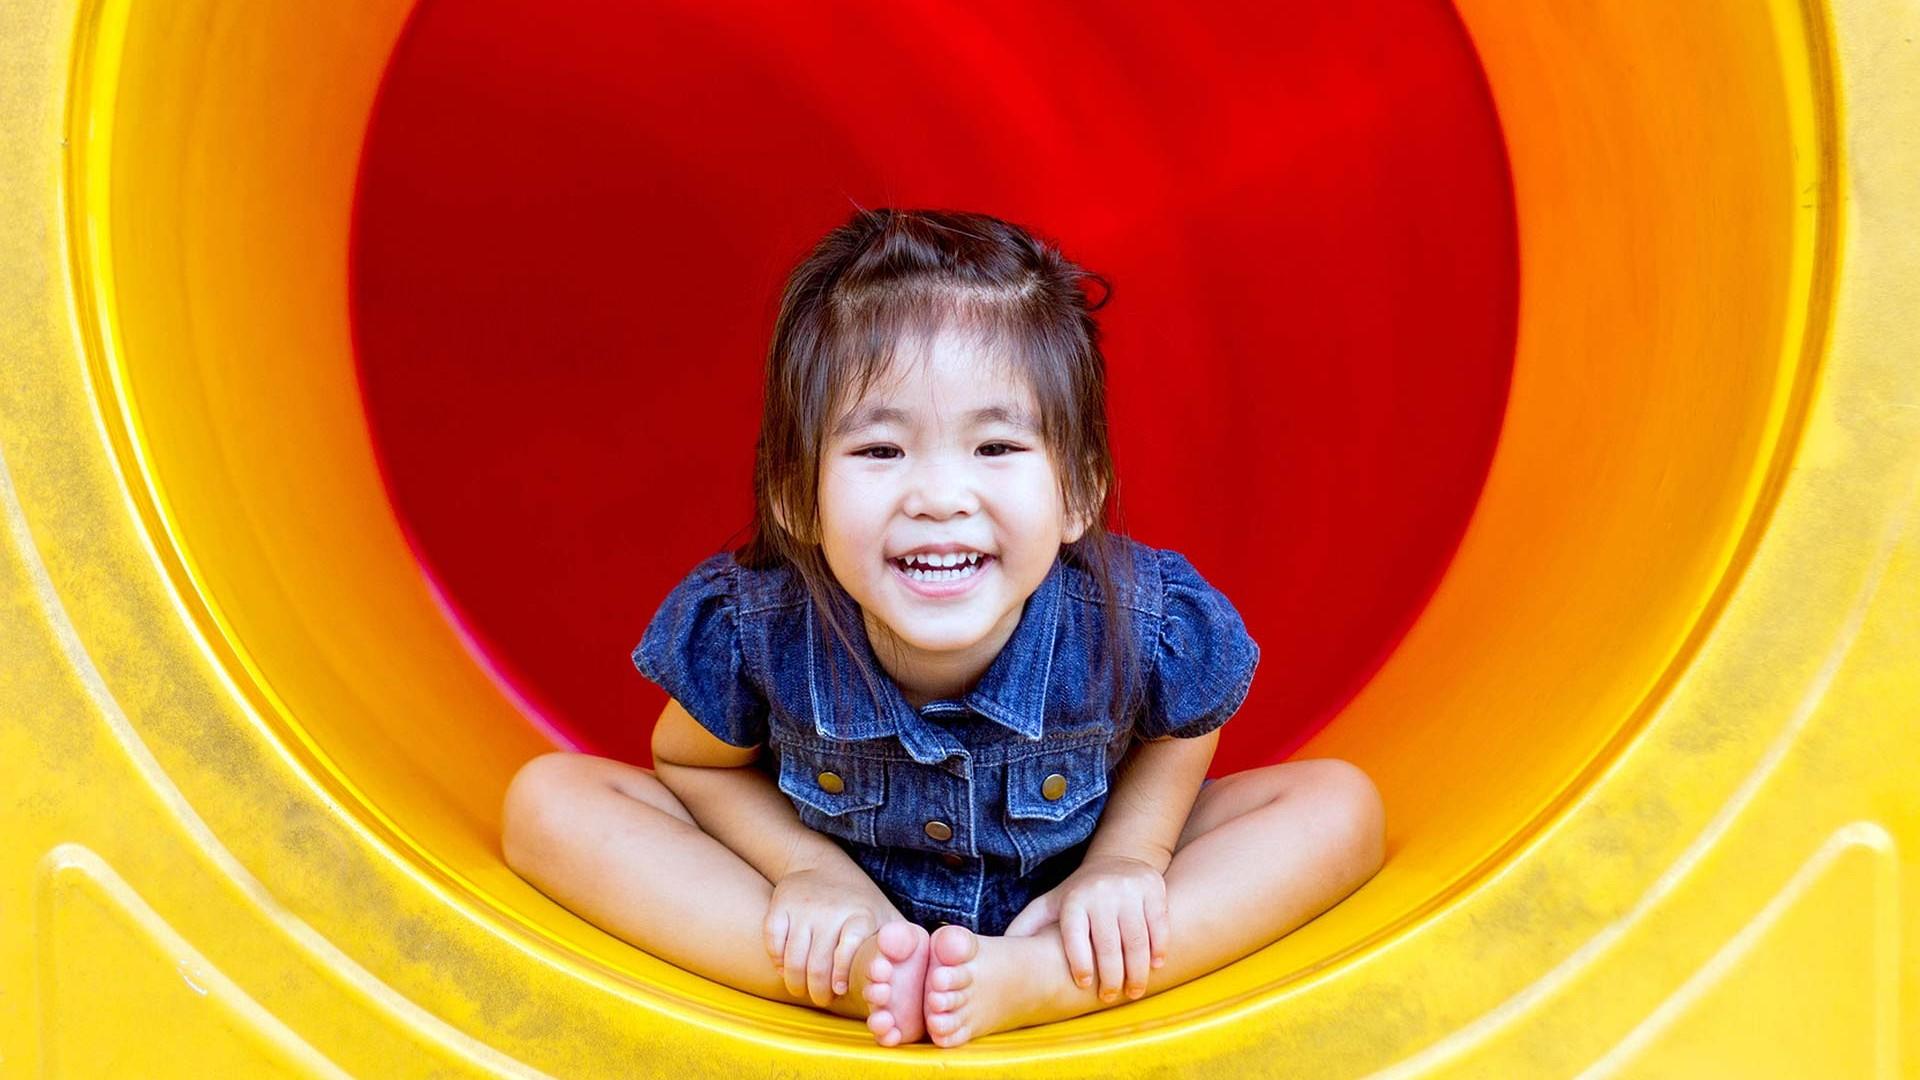 Asiatisches Kind freut sich, Däumling Kinderschuhe Corporate Website, GAXWEB GmbH Werbeagentur und Internetagentur Karlsruhe